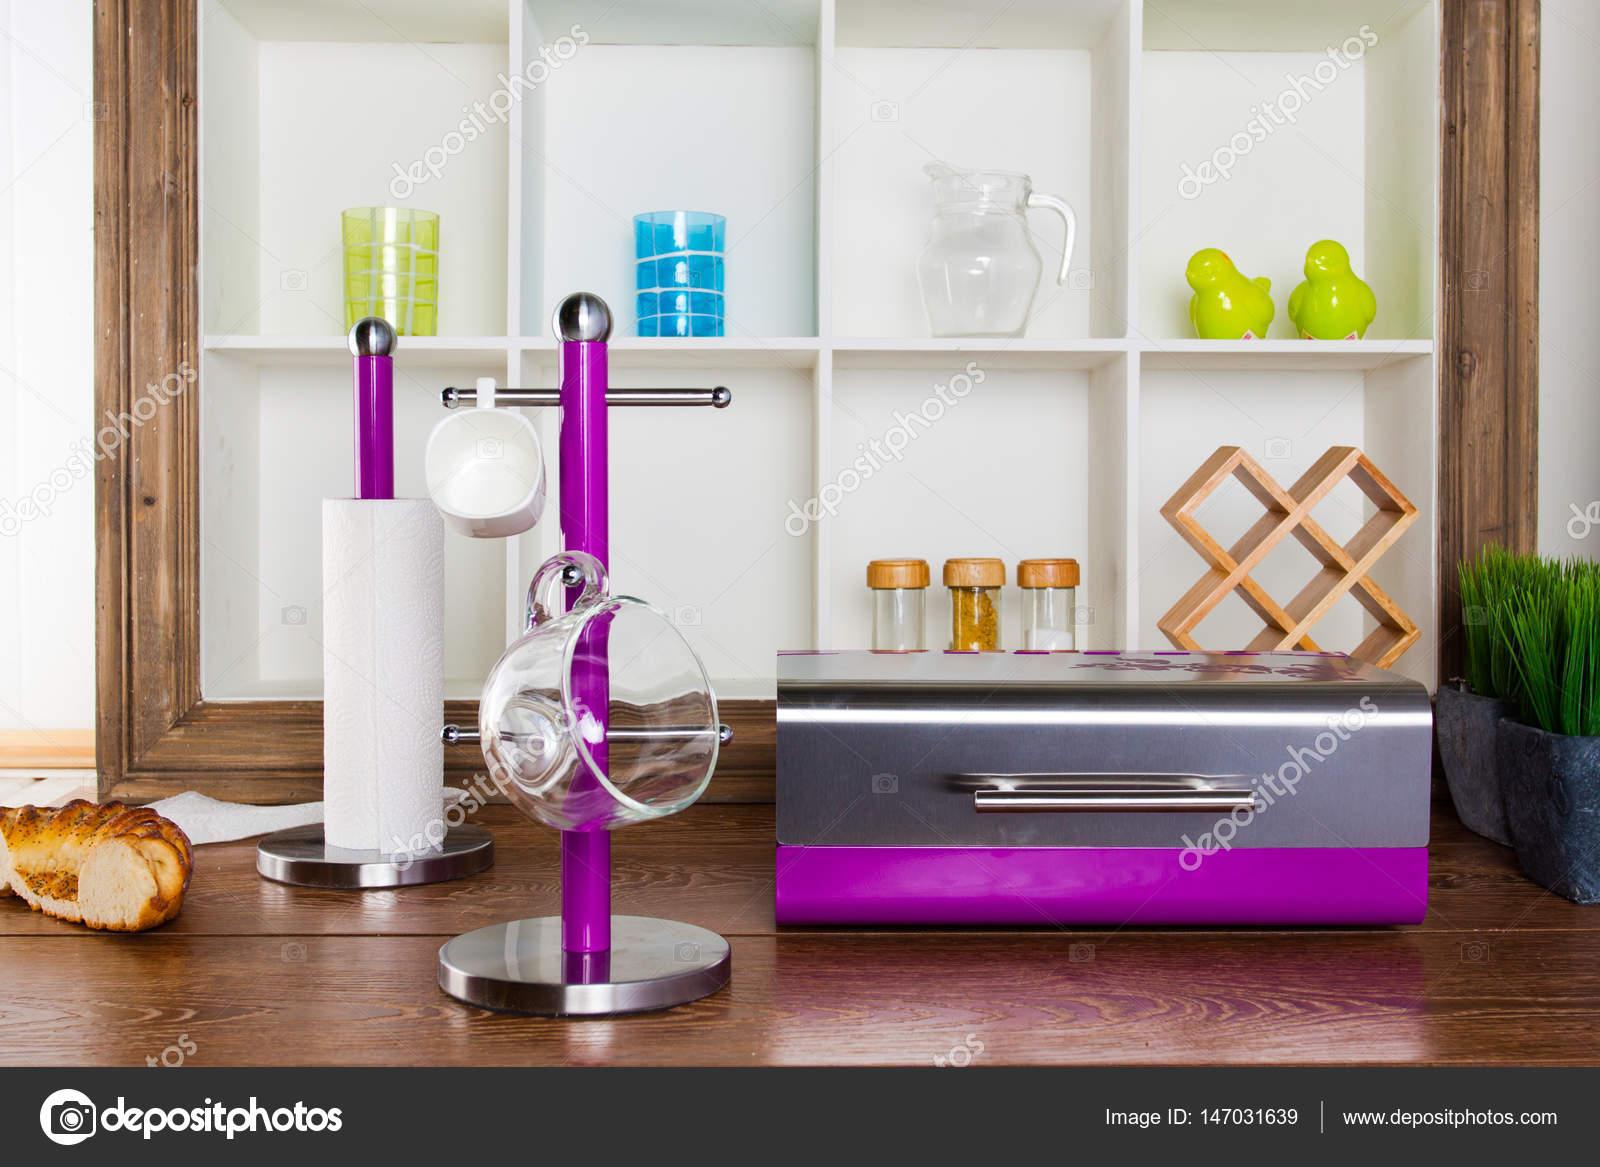 Perfekt Innen Im Provenzalischen Stil: Möbel Und Dekor U2014 Stockfoto